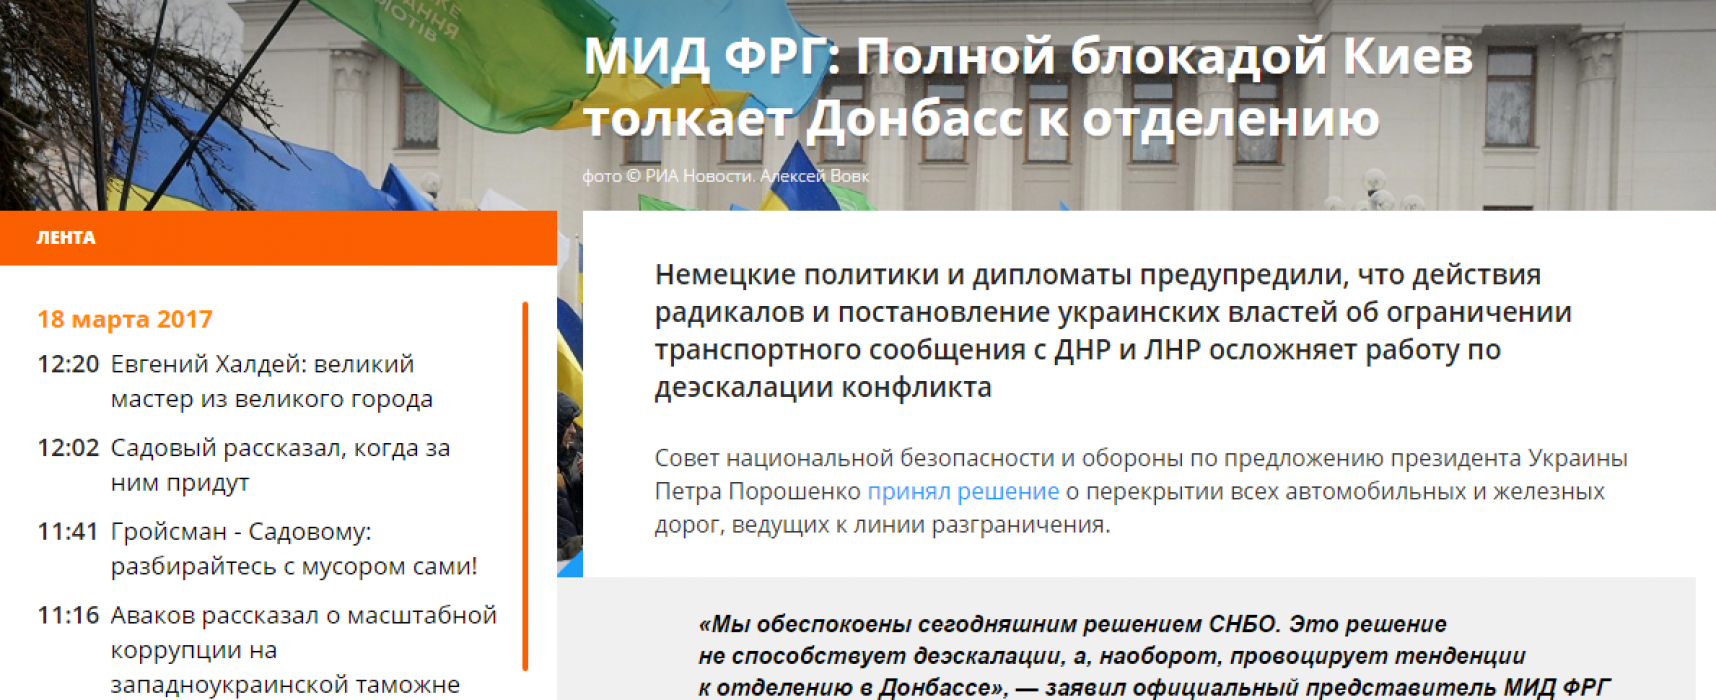 Fake: Le Ministère des affaires étrangères de France exige de Kiev un déblocage à l'Est de l'Ukraine, et son homologue allemand prédit une désintégration de l'Ukraine